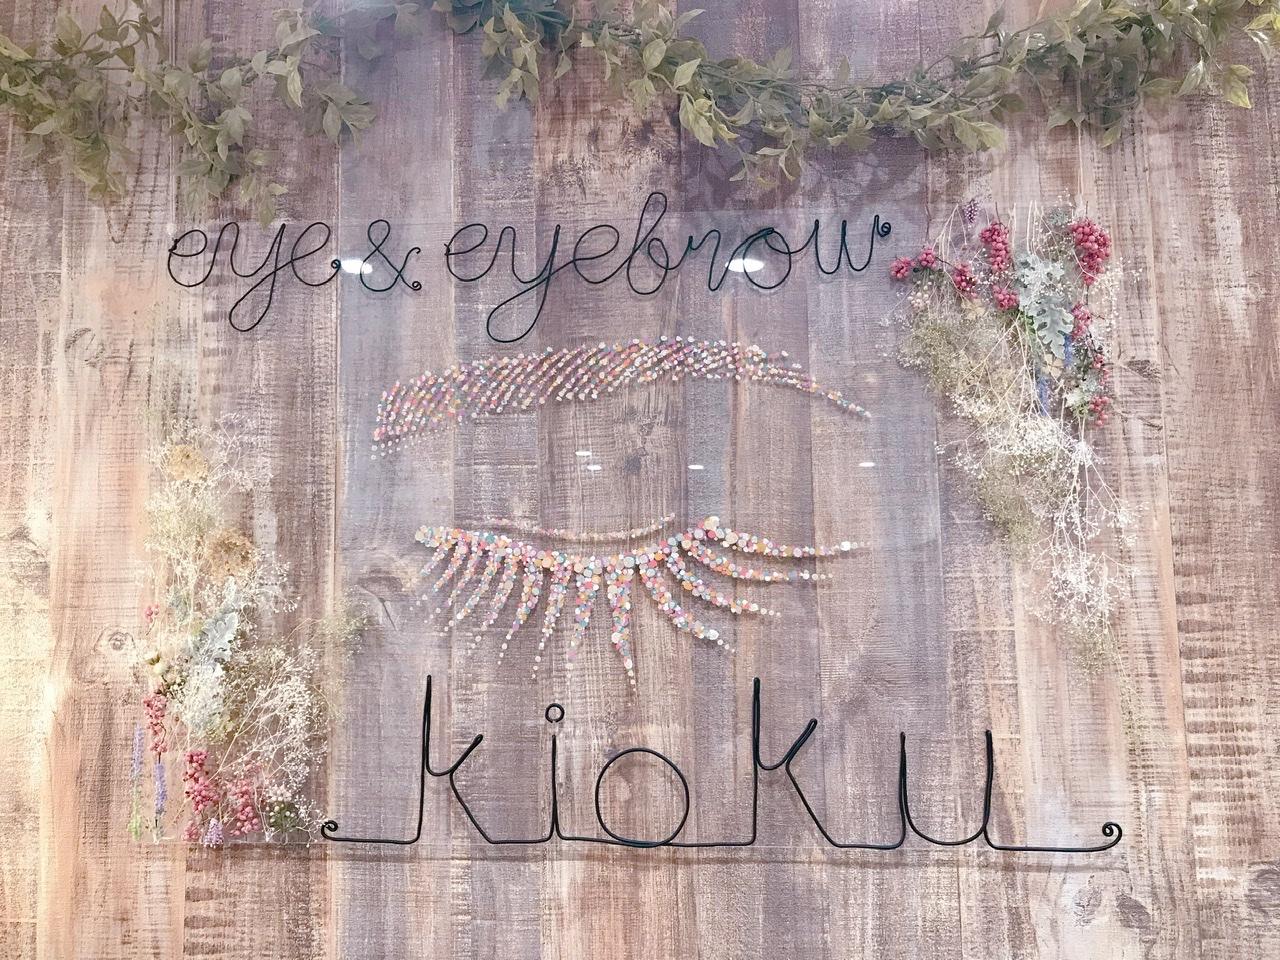 【おすすめのサロン】マスクしてても見えるまゆげとまつげをキレイに!「まつ毛&まゆげサロン kioku」♡_1